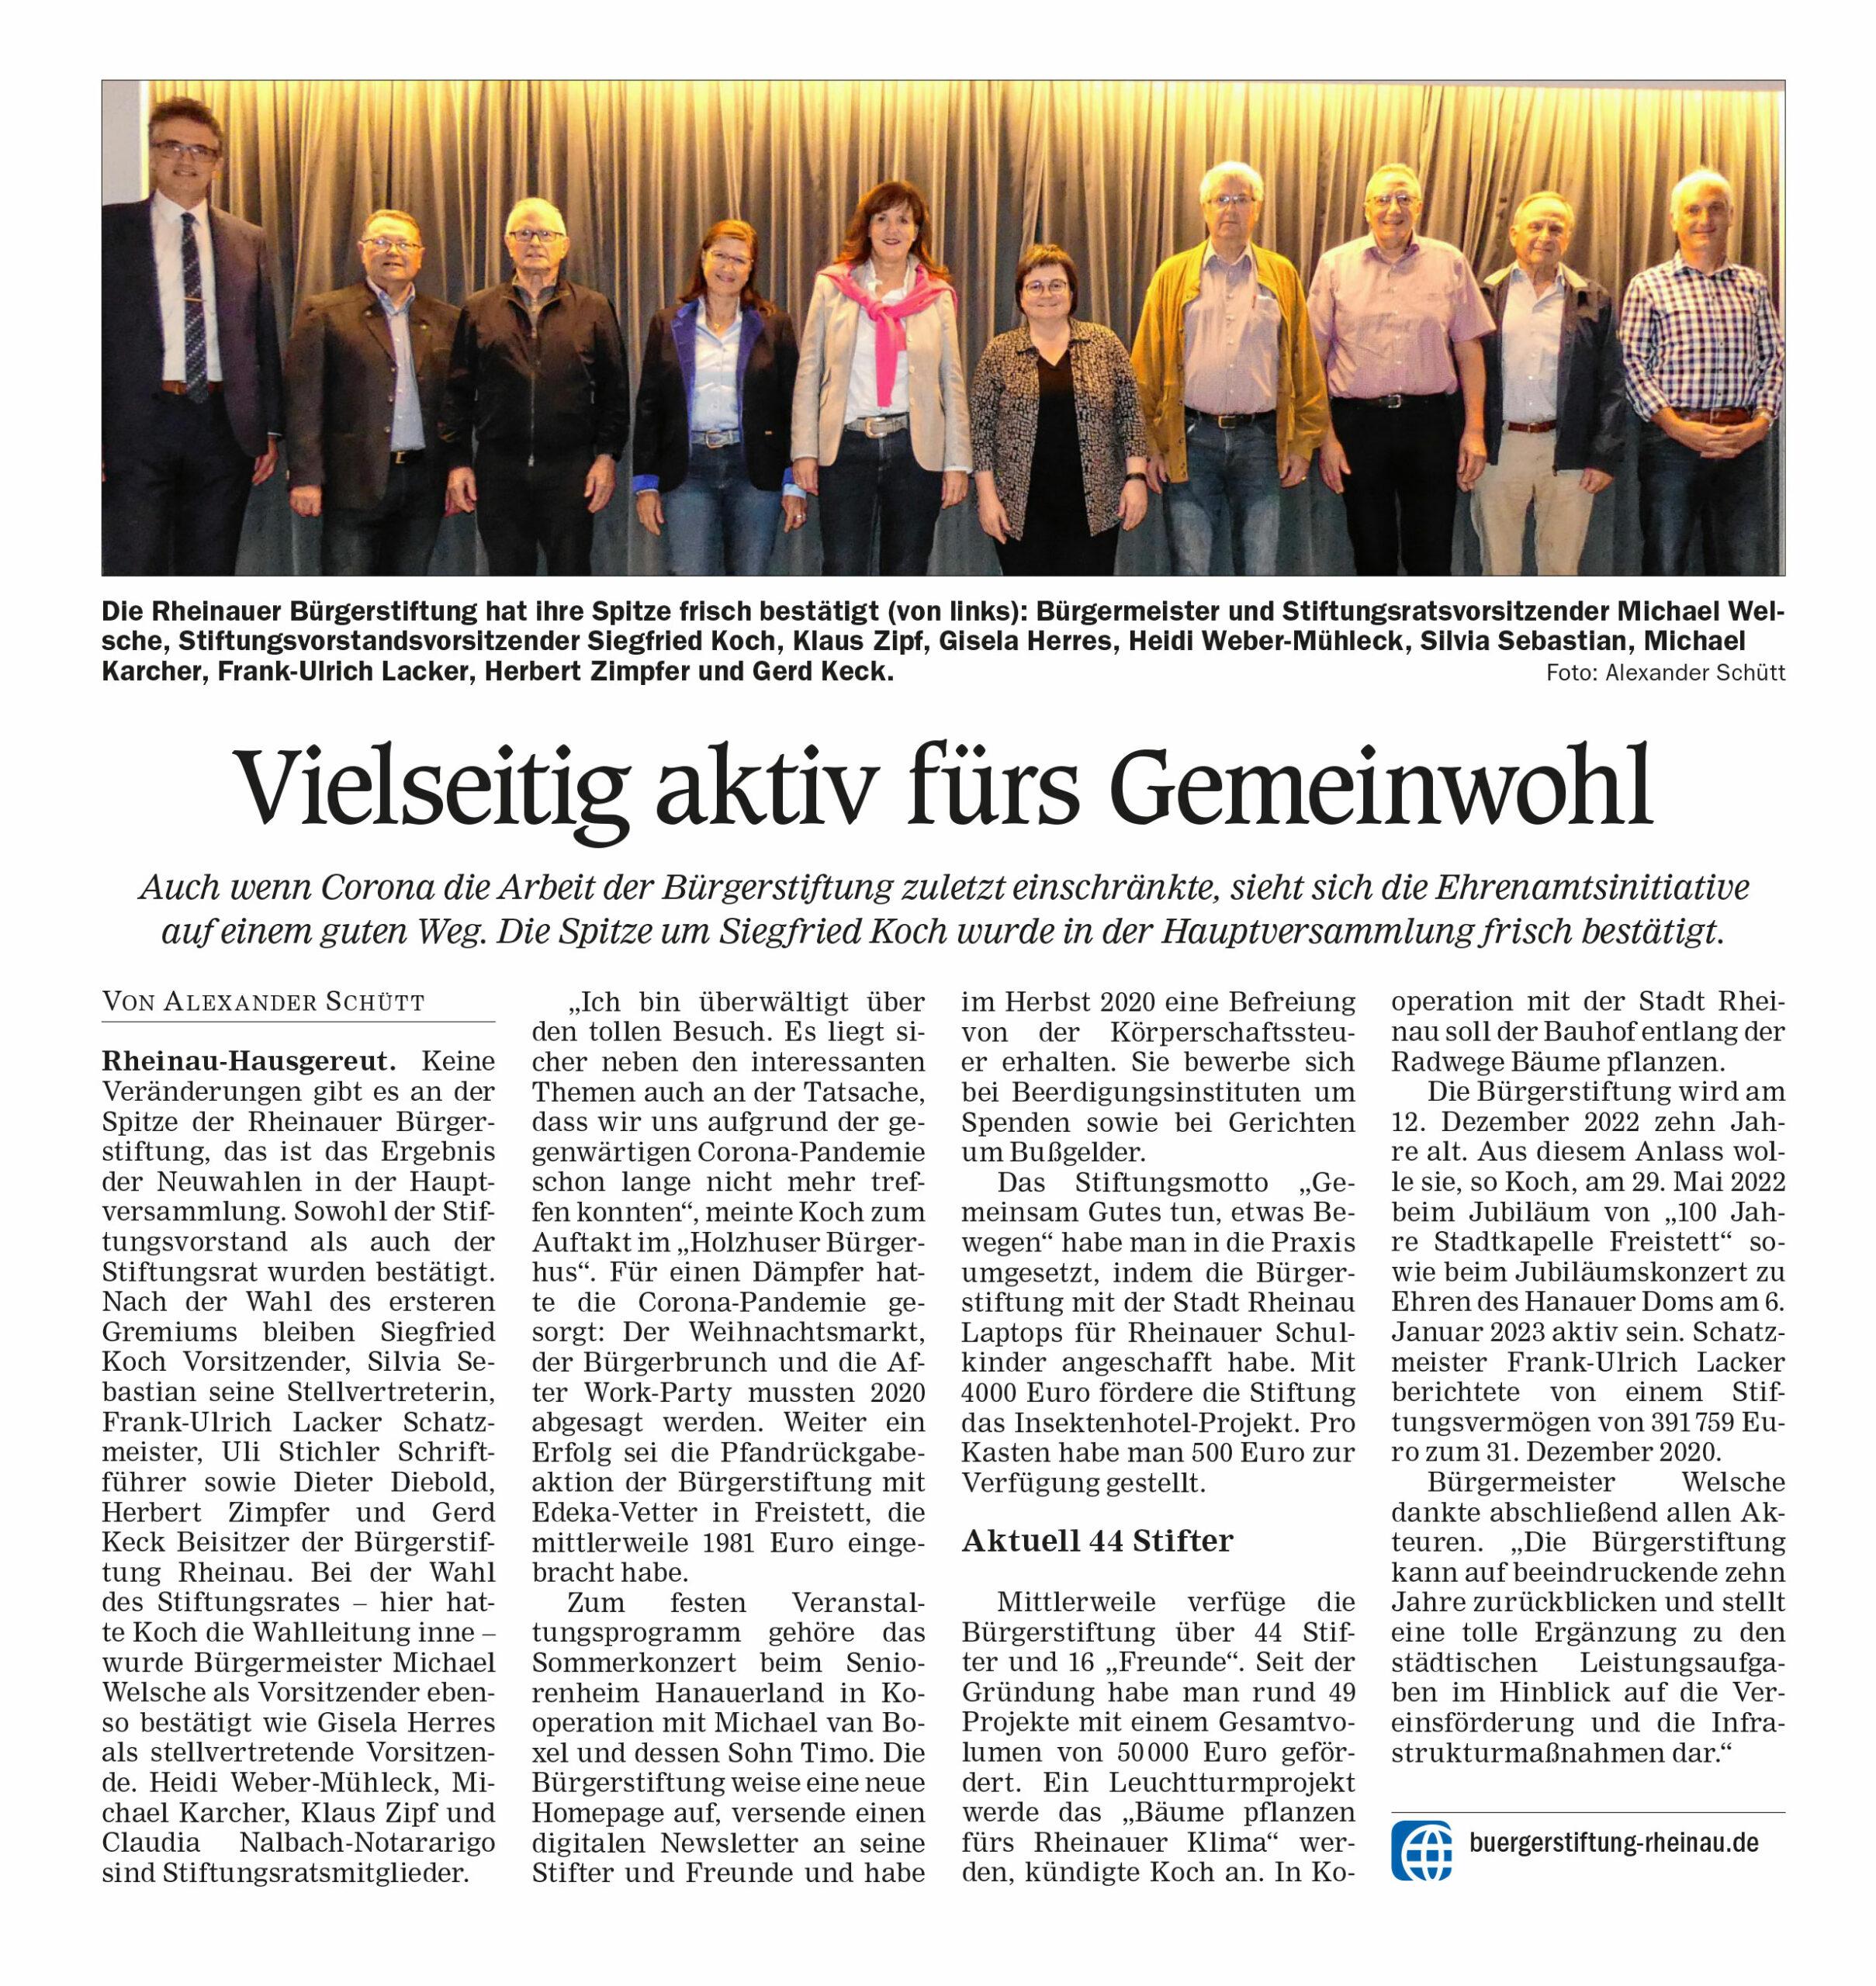 Pressebericht in der Kehler Zeitung